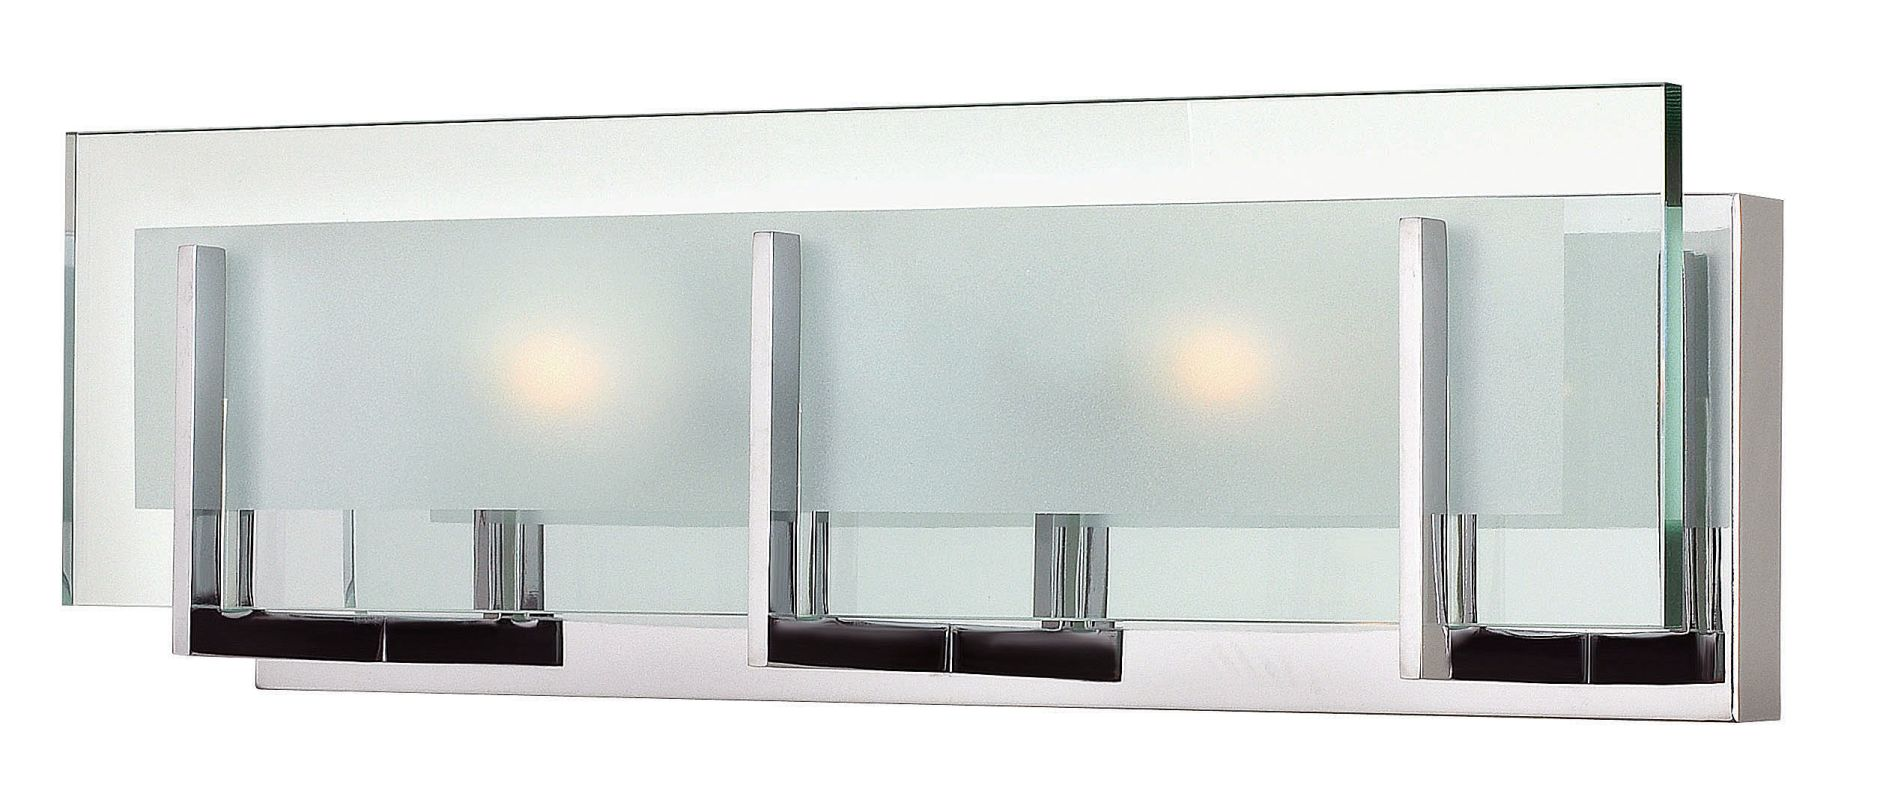 Hinkley Lighting 5652-LED2 2 Light LED Vanity Strip From the Latitude